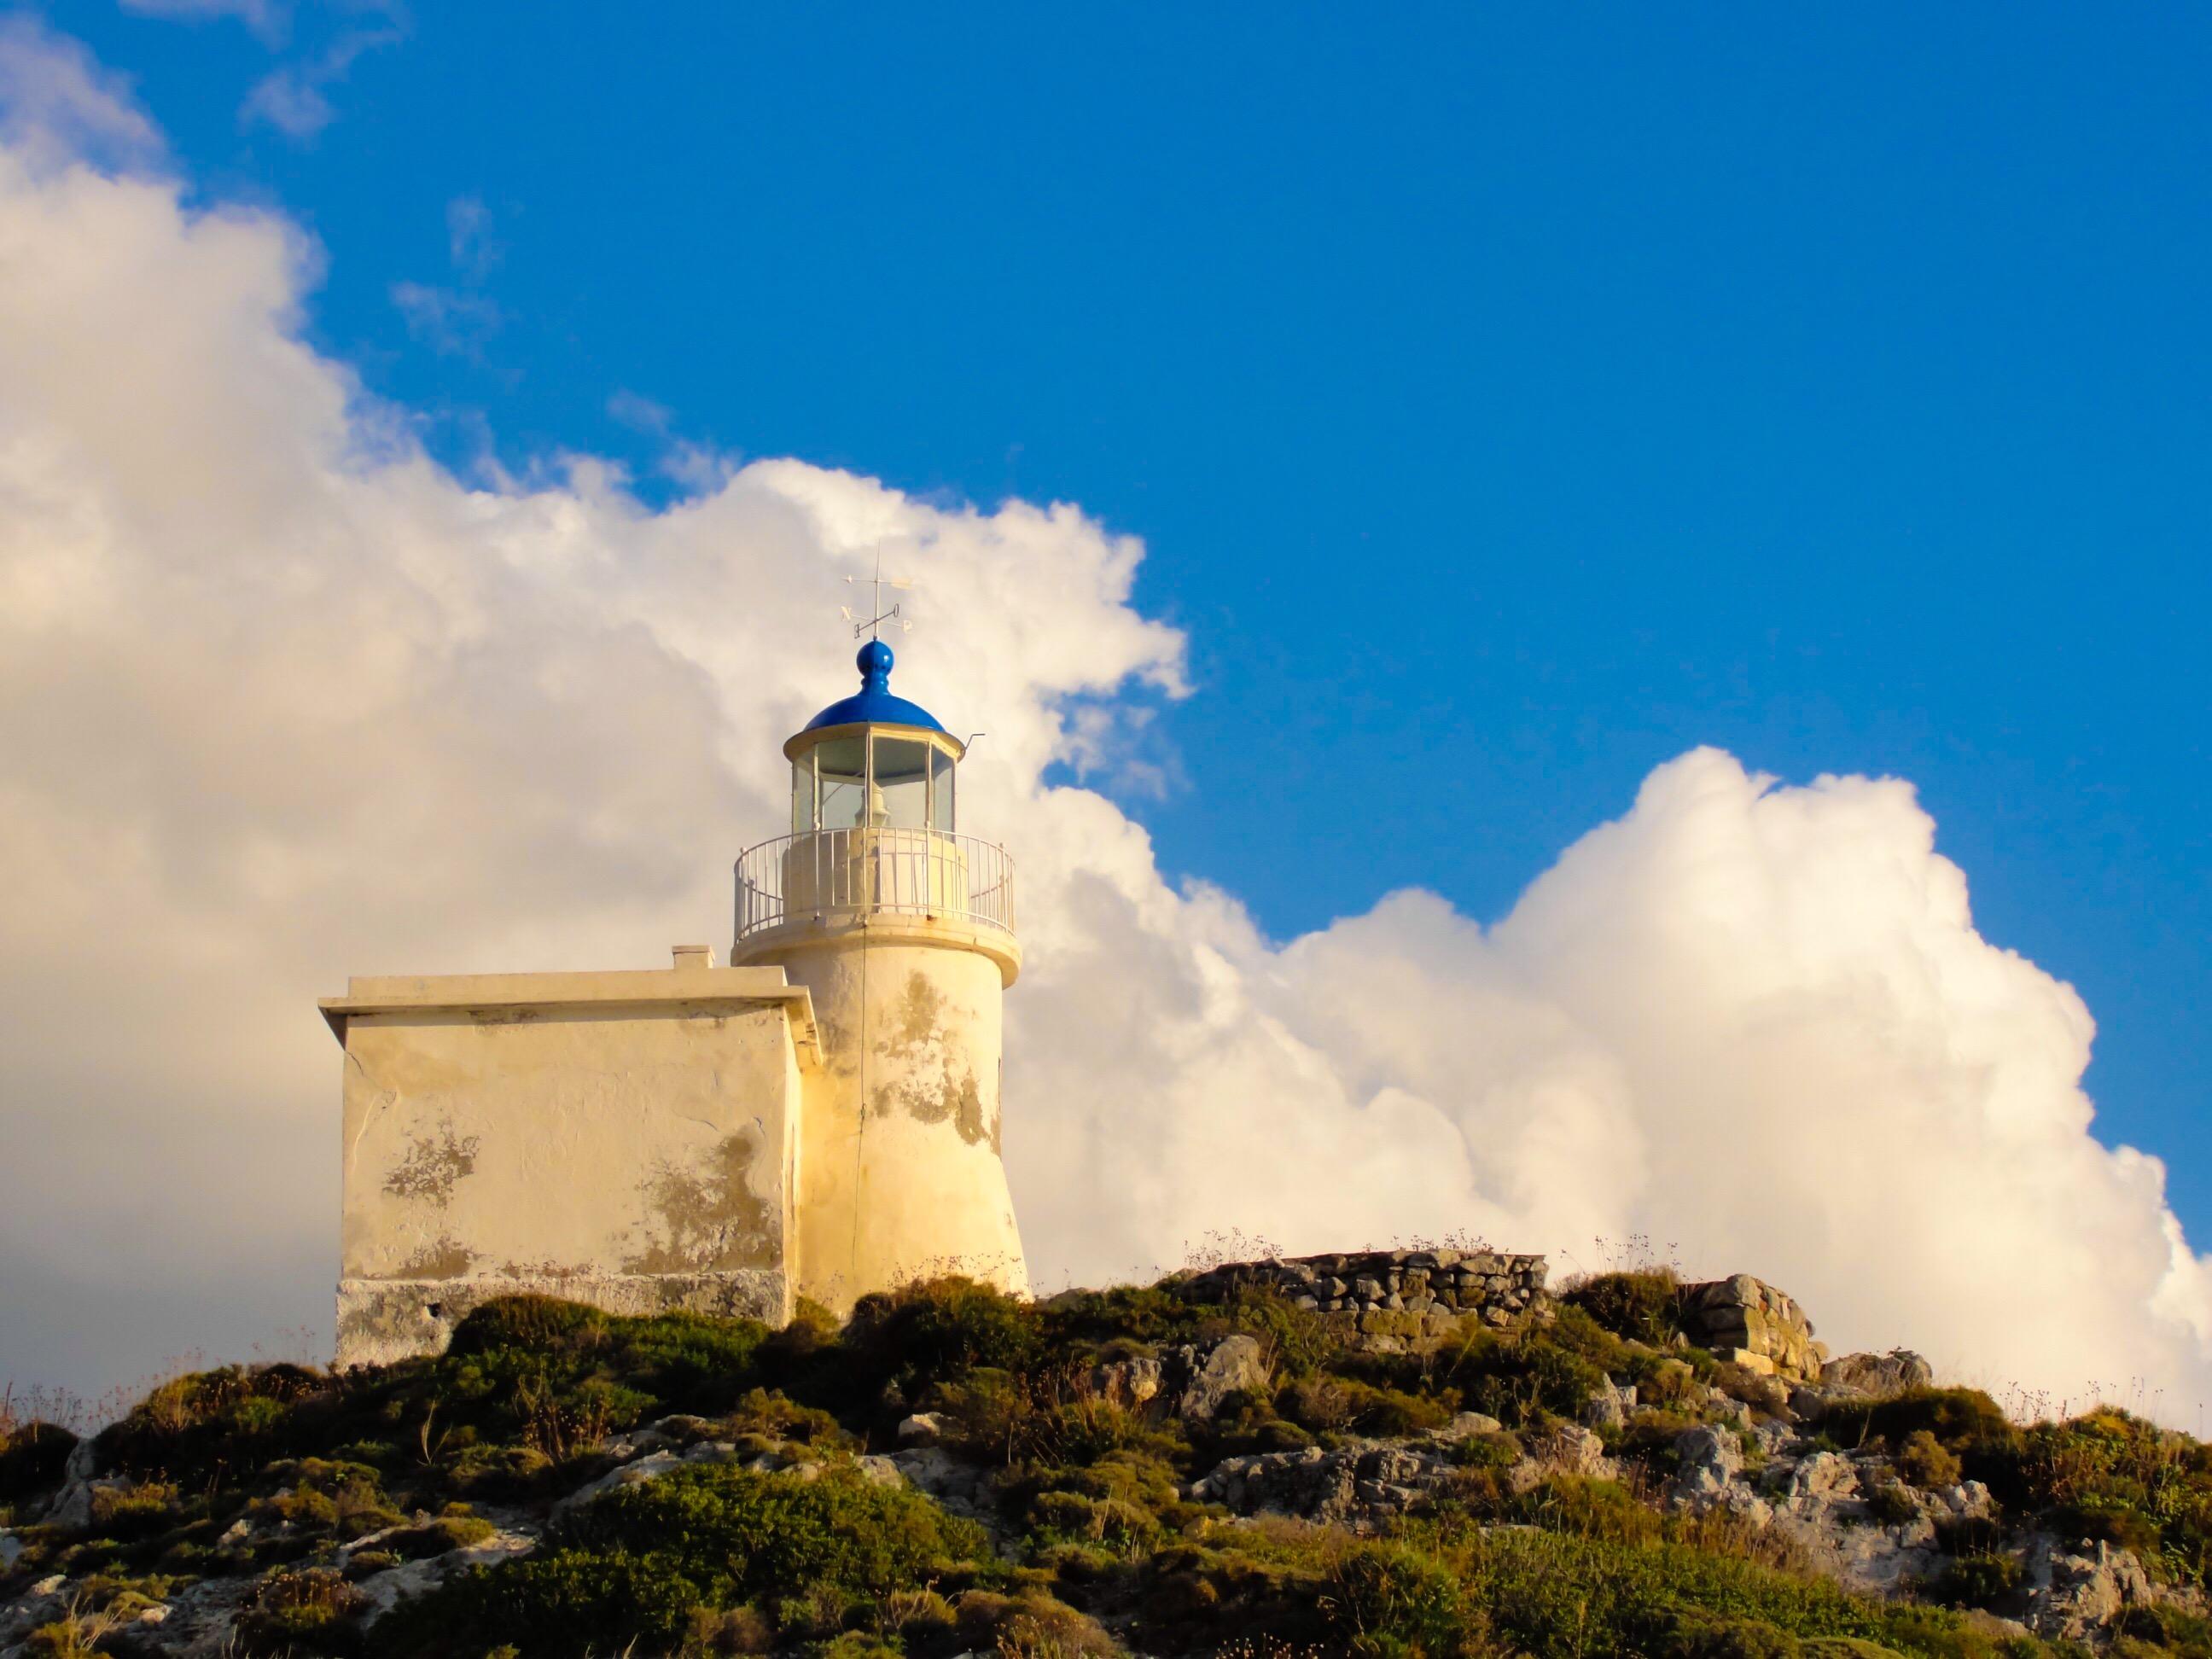 Φάρος Καψαλίου / The lighthouse in Kapsali bay